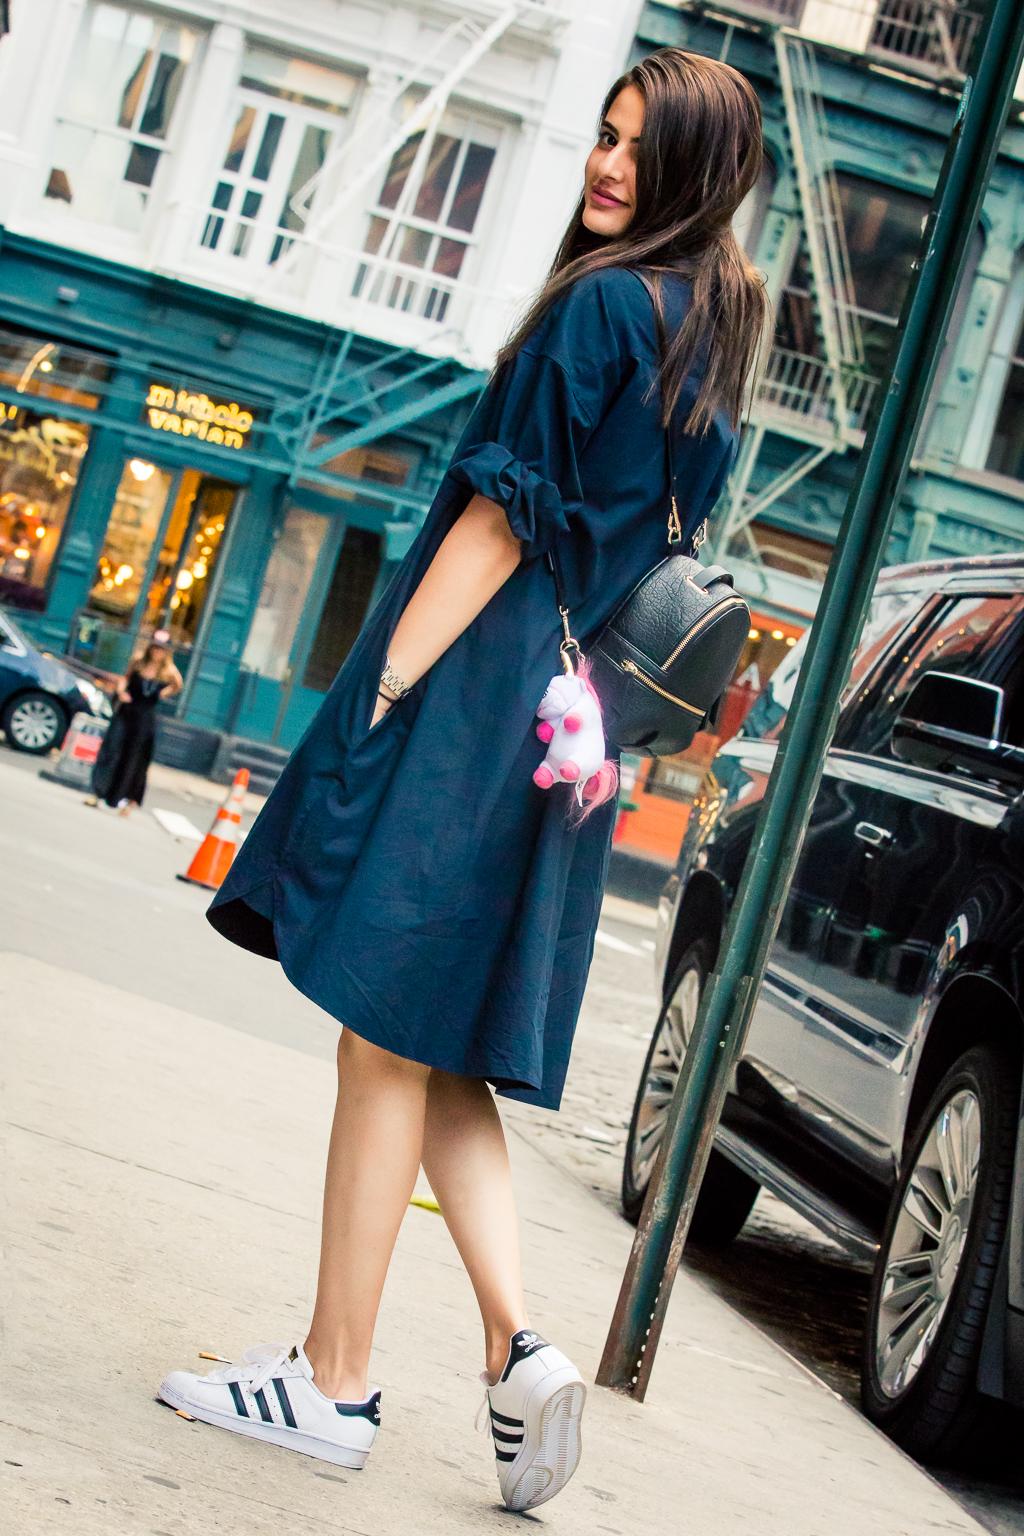 How To Dress Like A NYC Girl